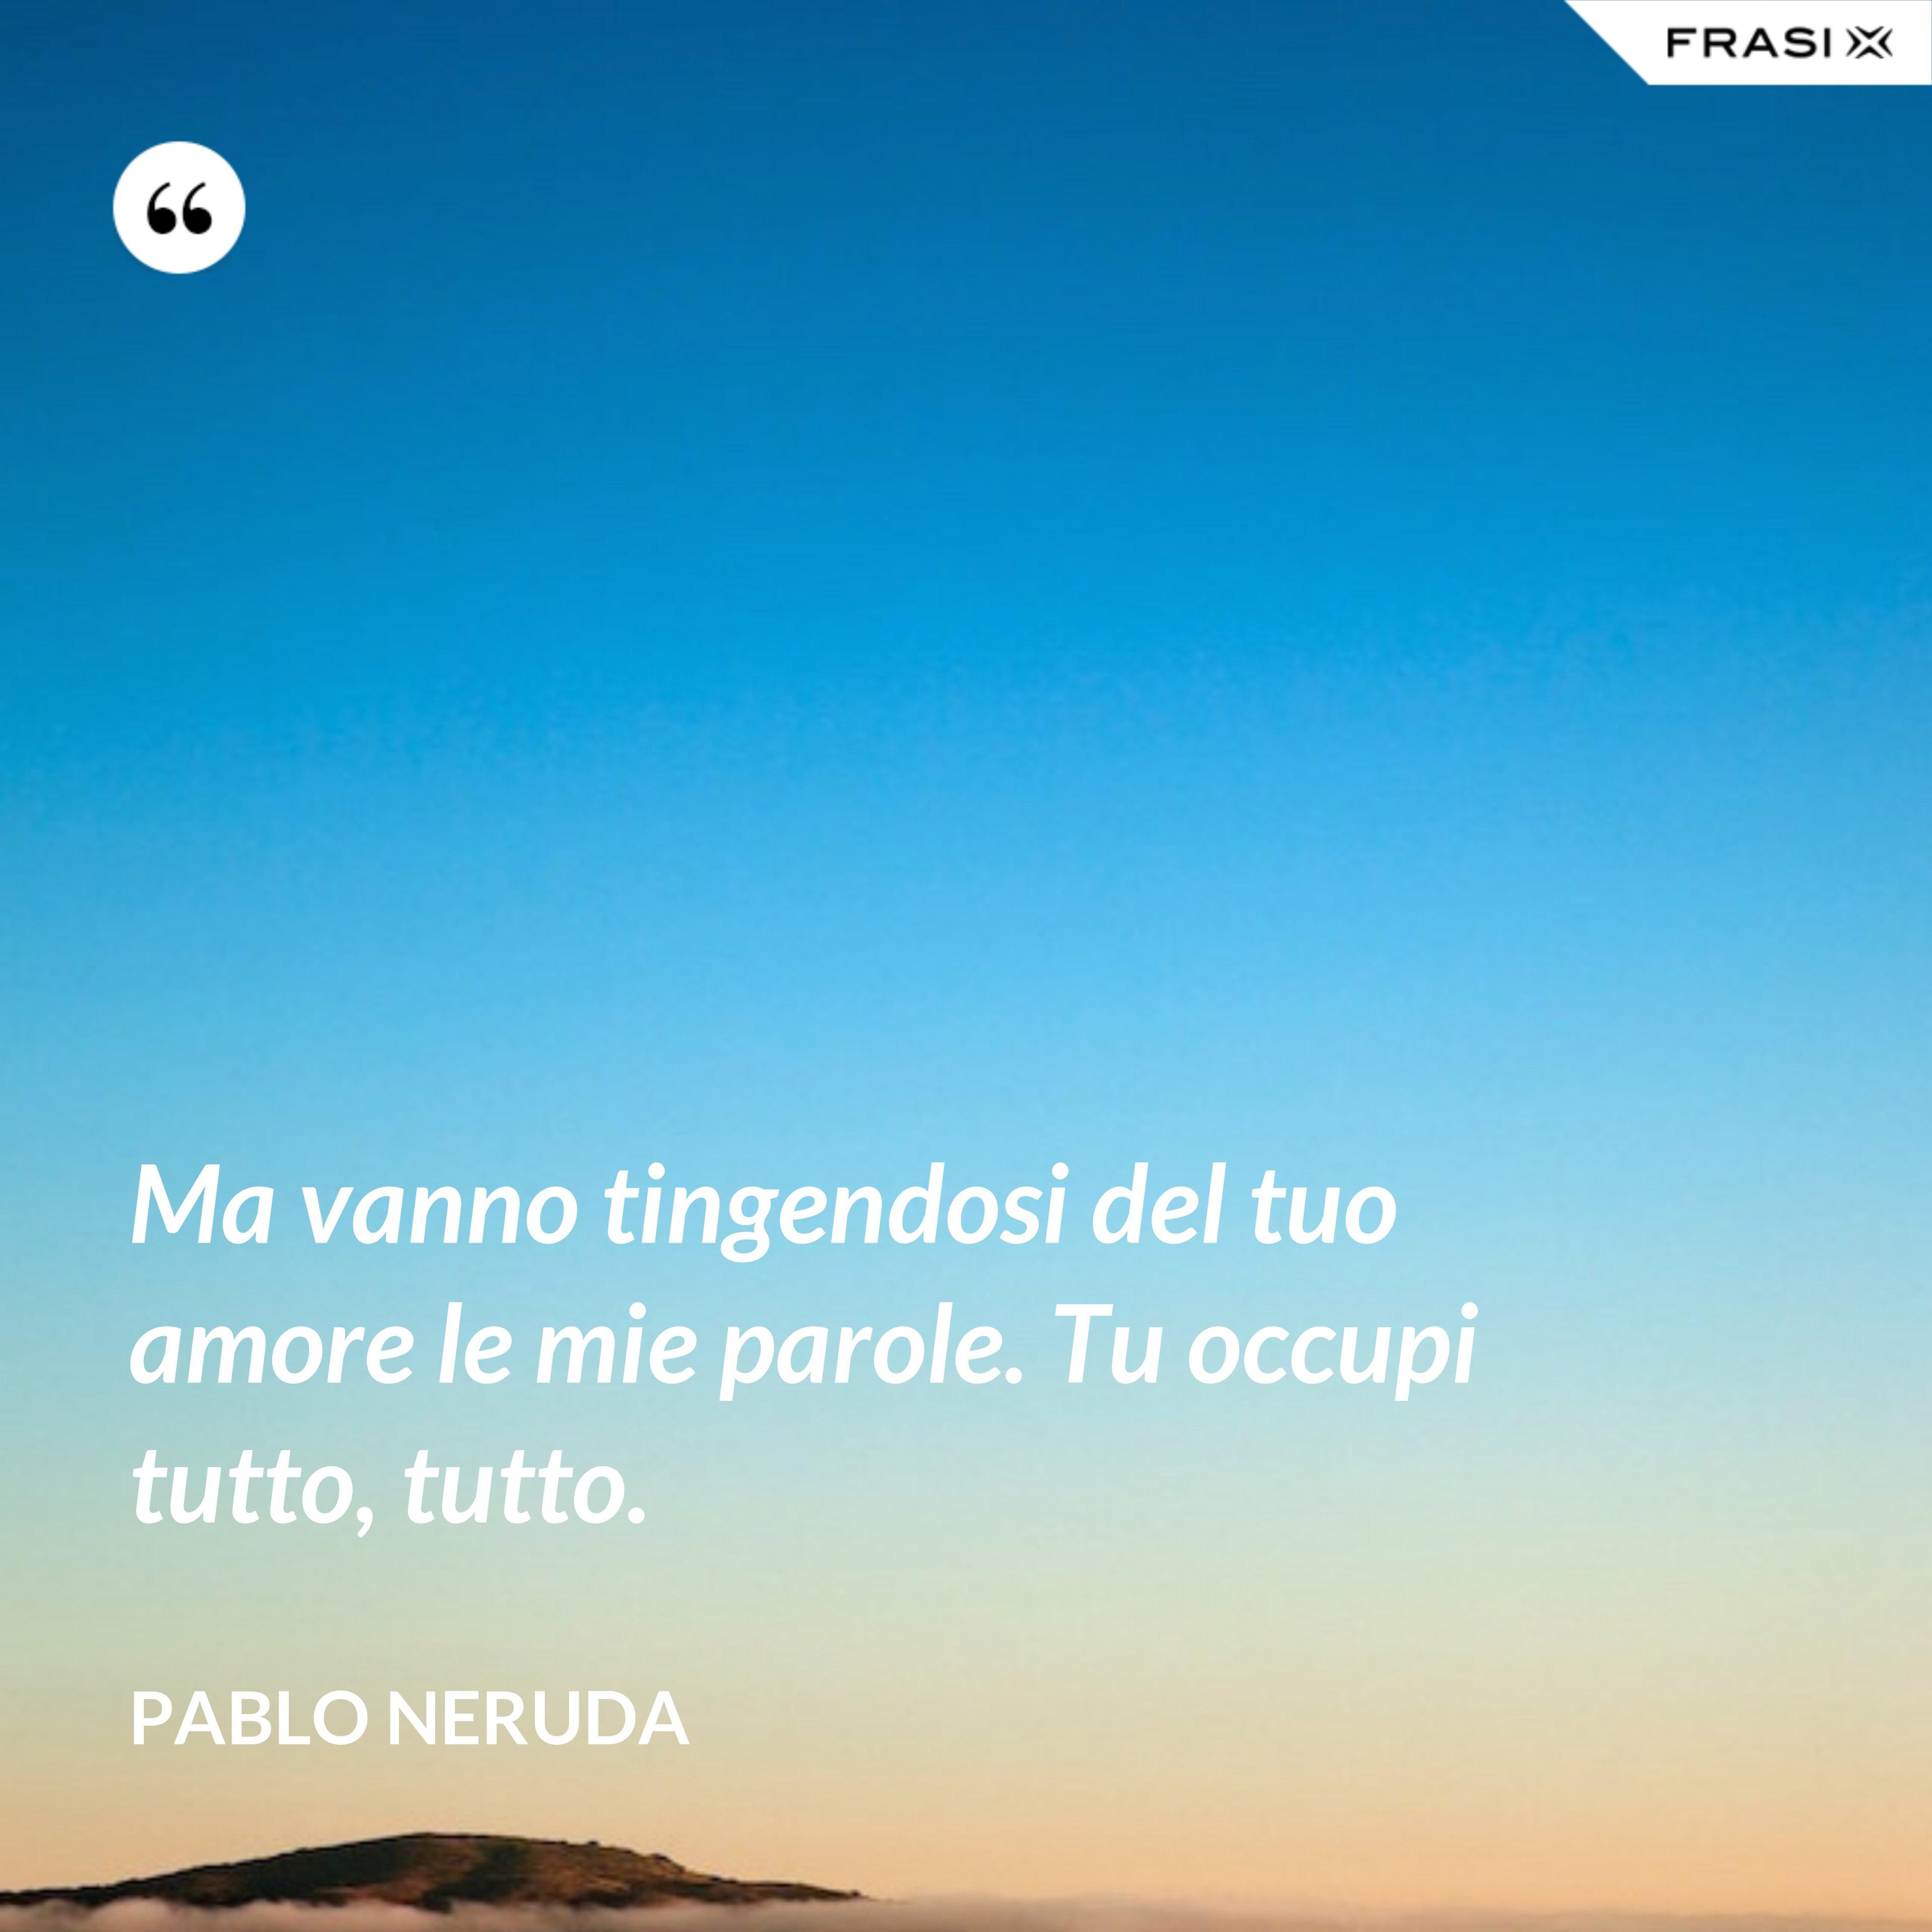 Ma vanno tingendosi del tuo amore le mie parole. Tu occupi tutto, tutto. - Pablo Neruda